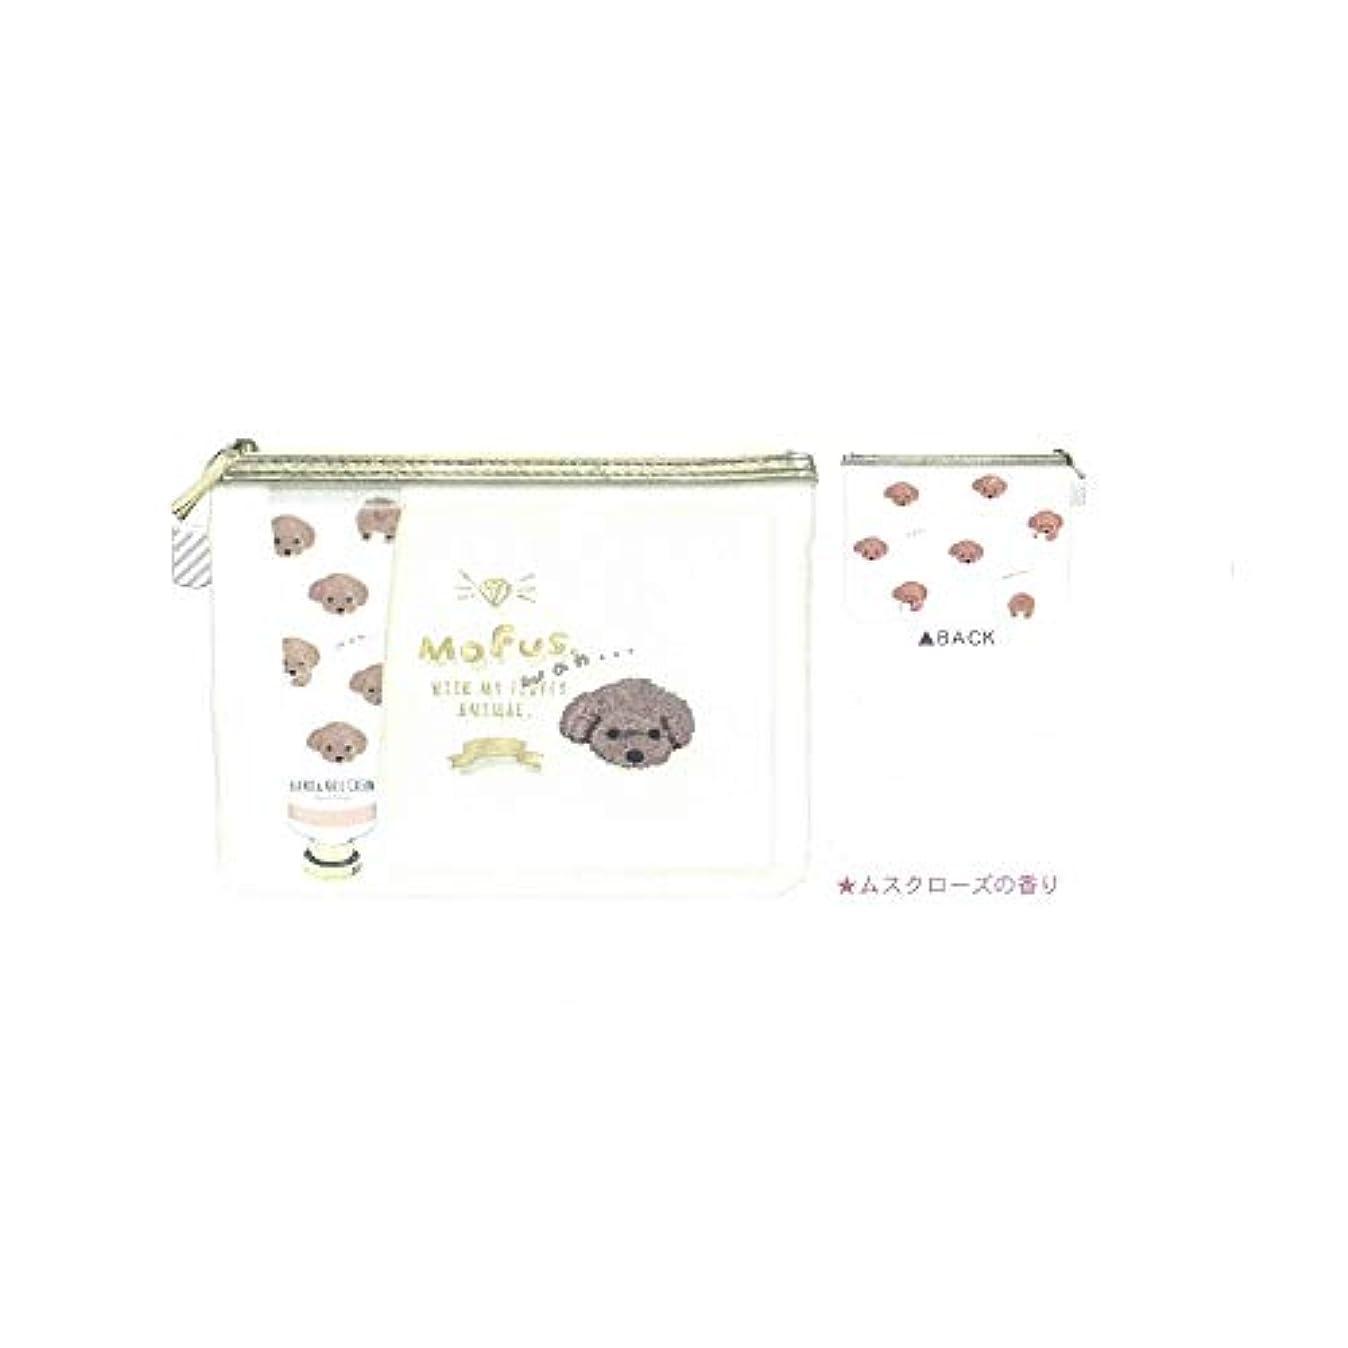 ほんの縁石リボン【ハンドケアギフトセット】ローズ&ベリーの香り◆モフズ といぷー (49224)